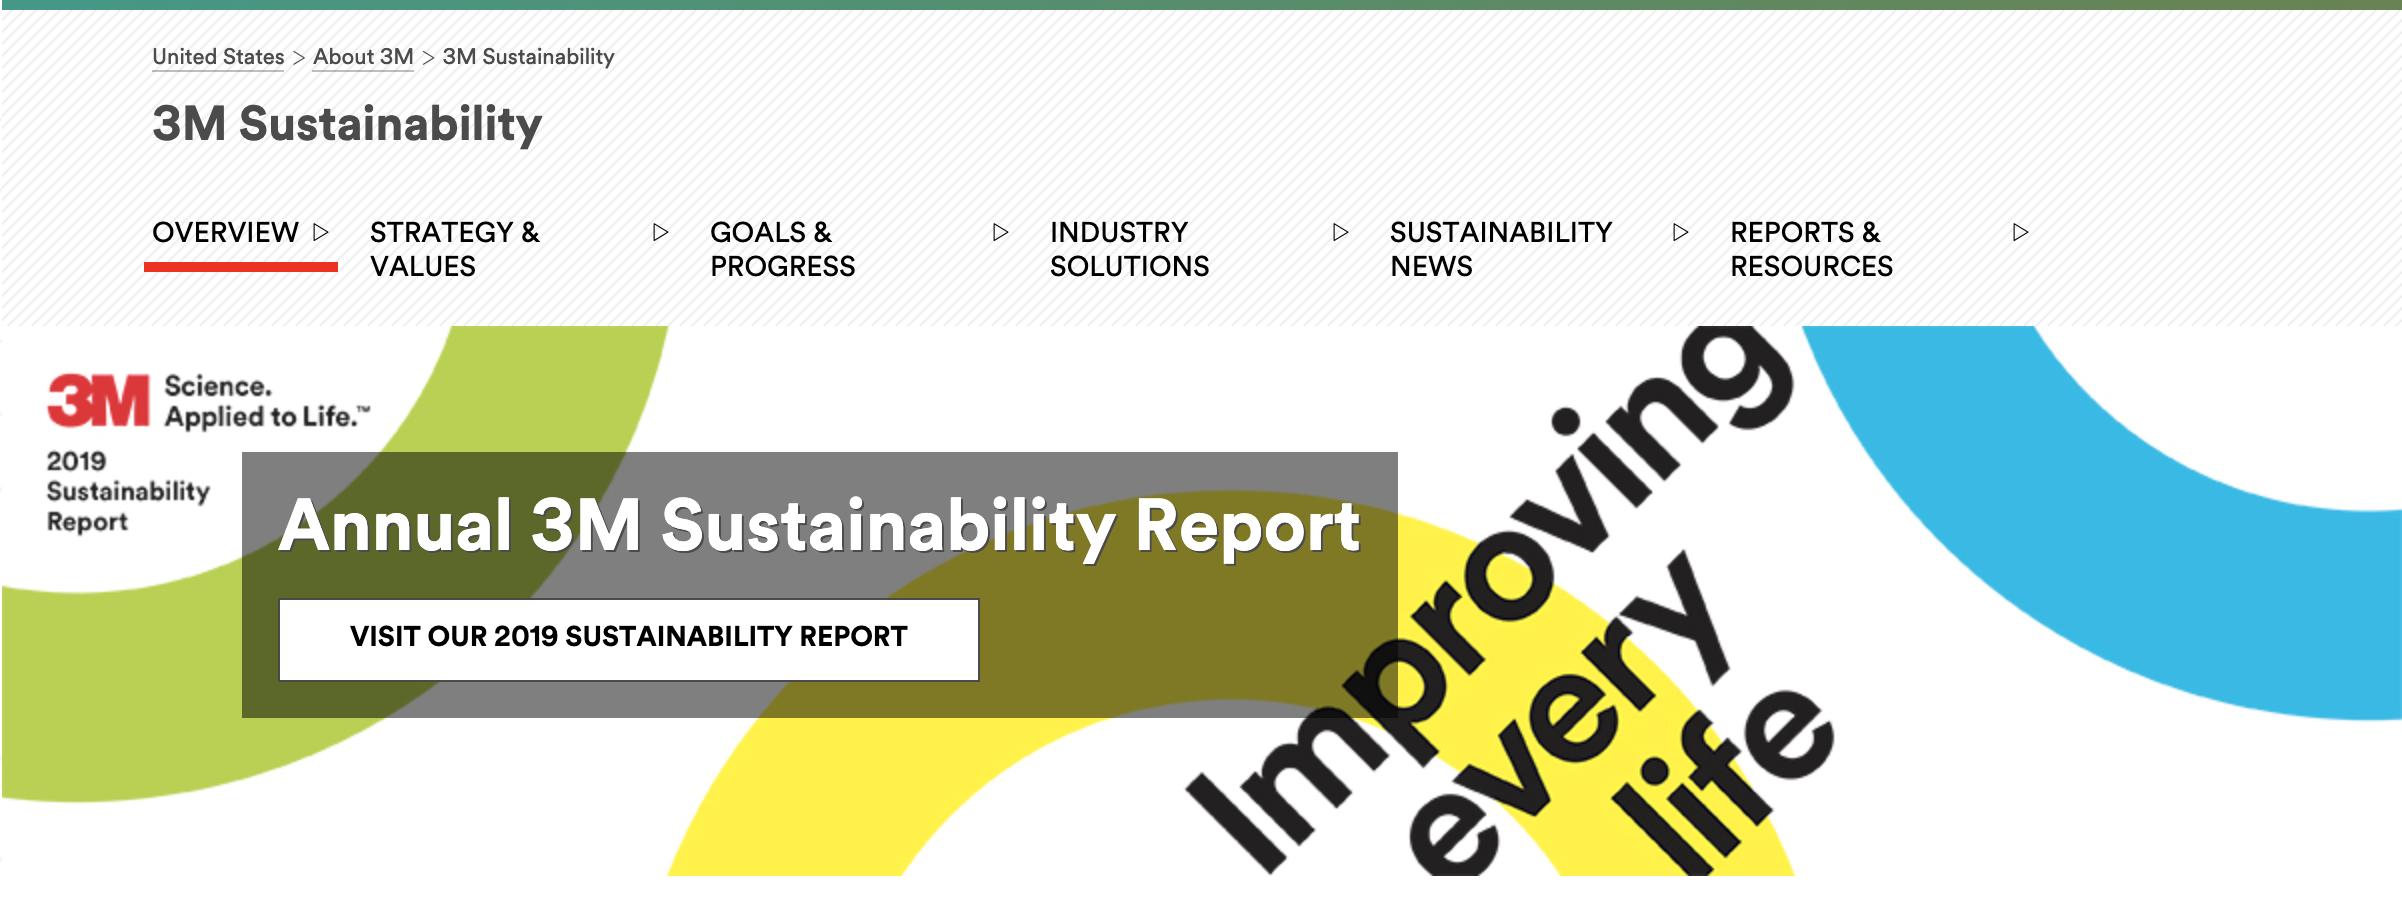 3M Sustainability